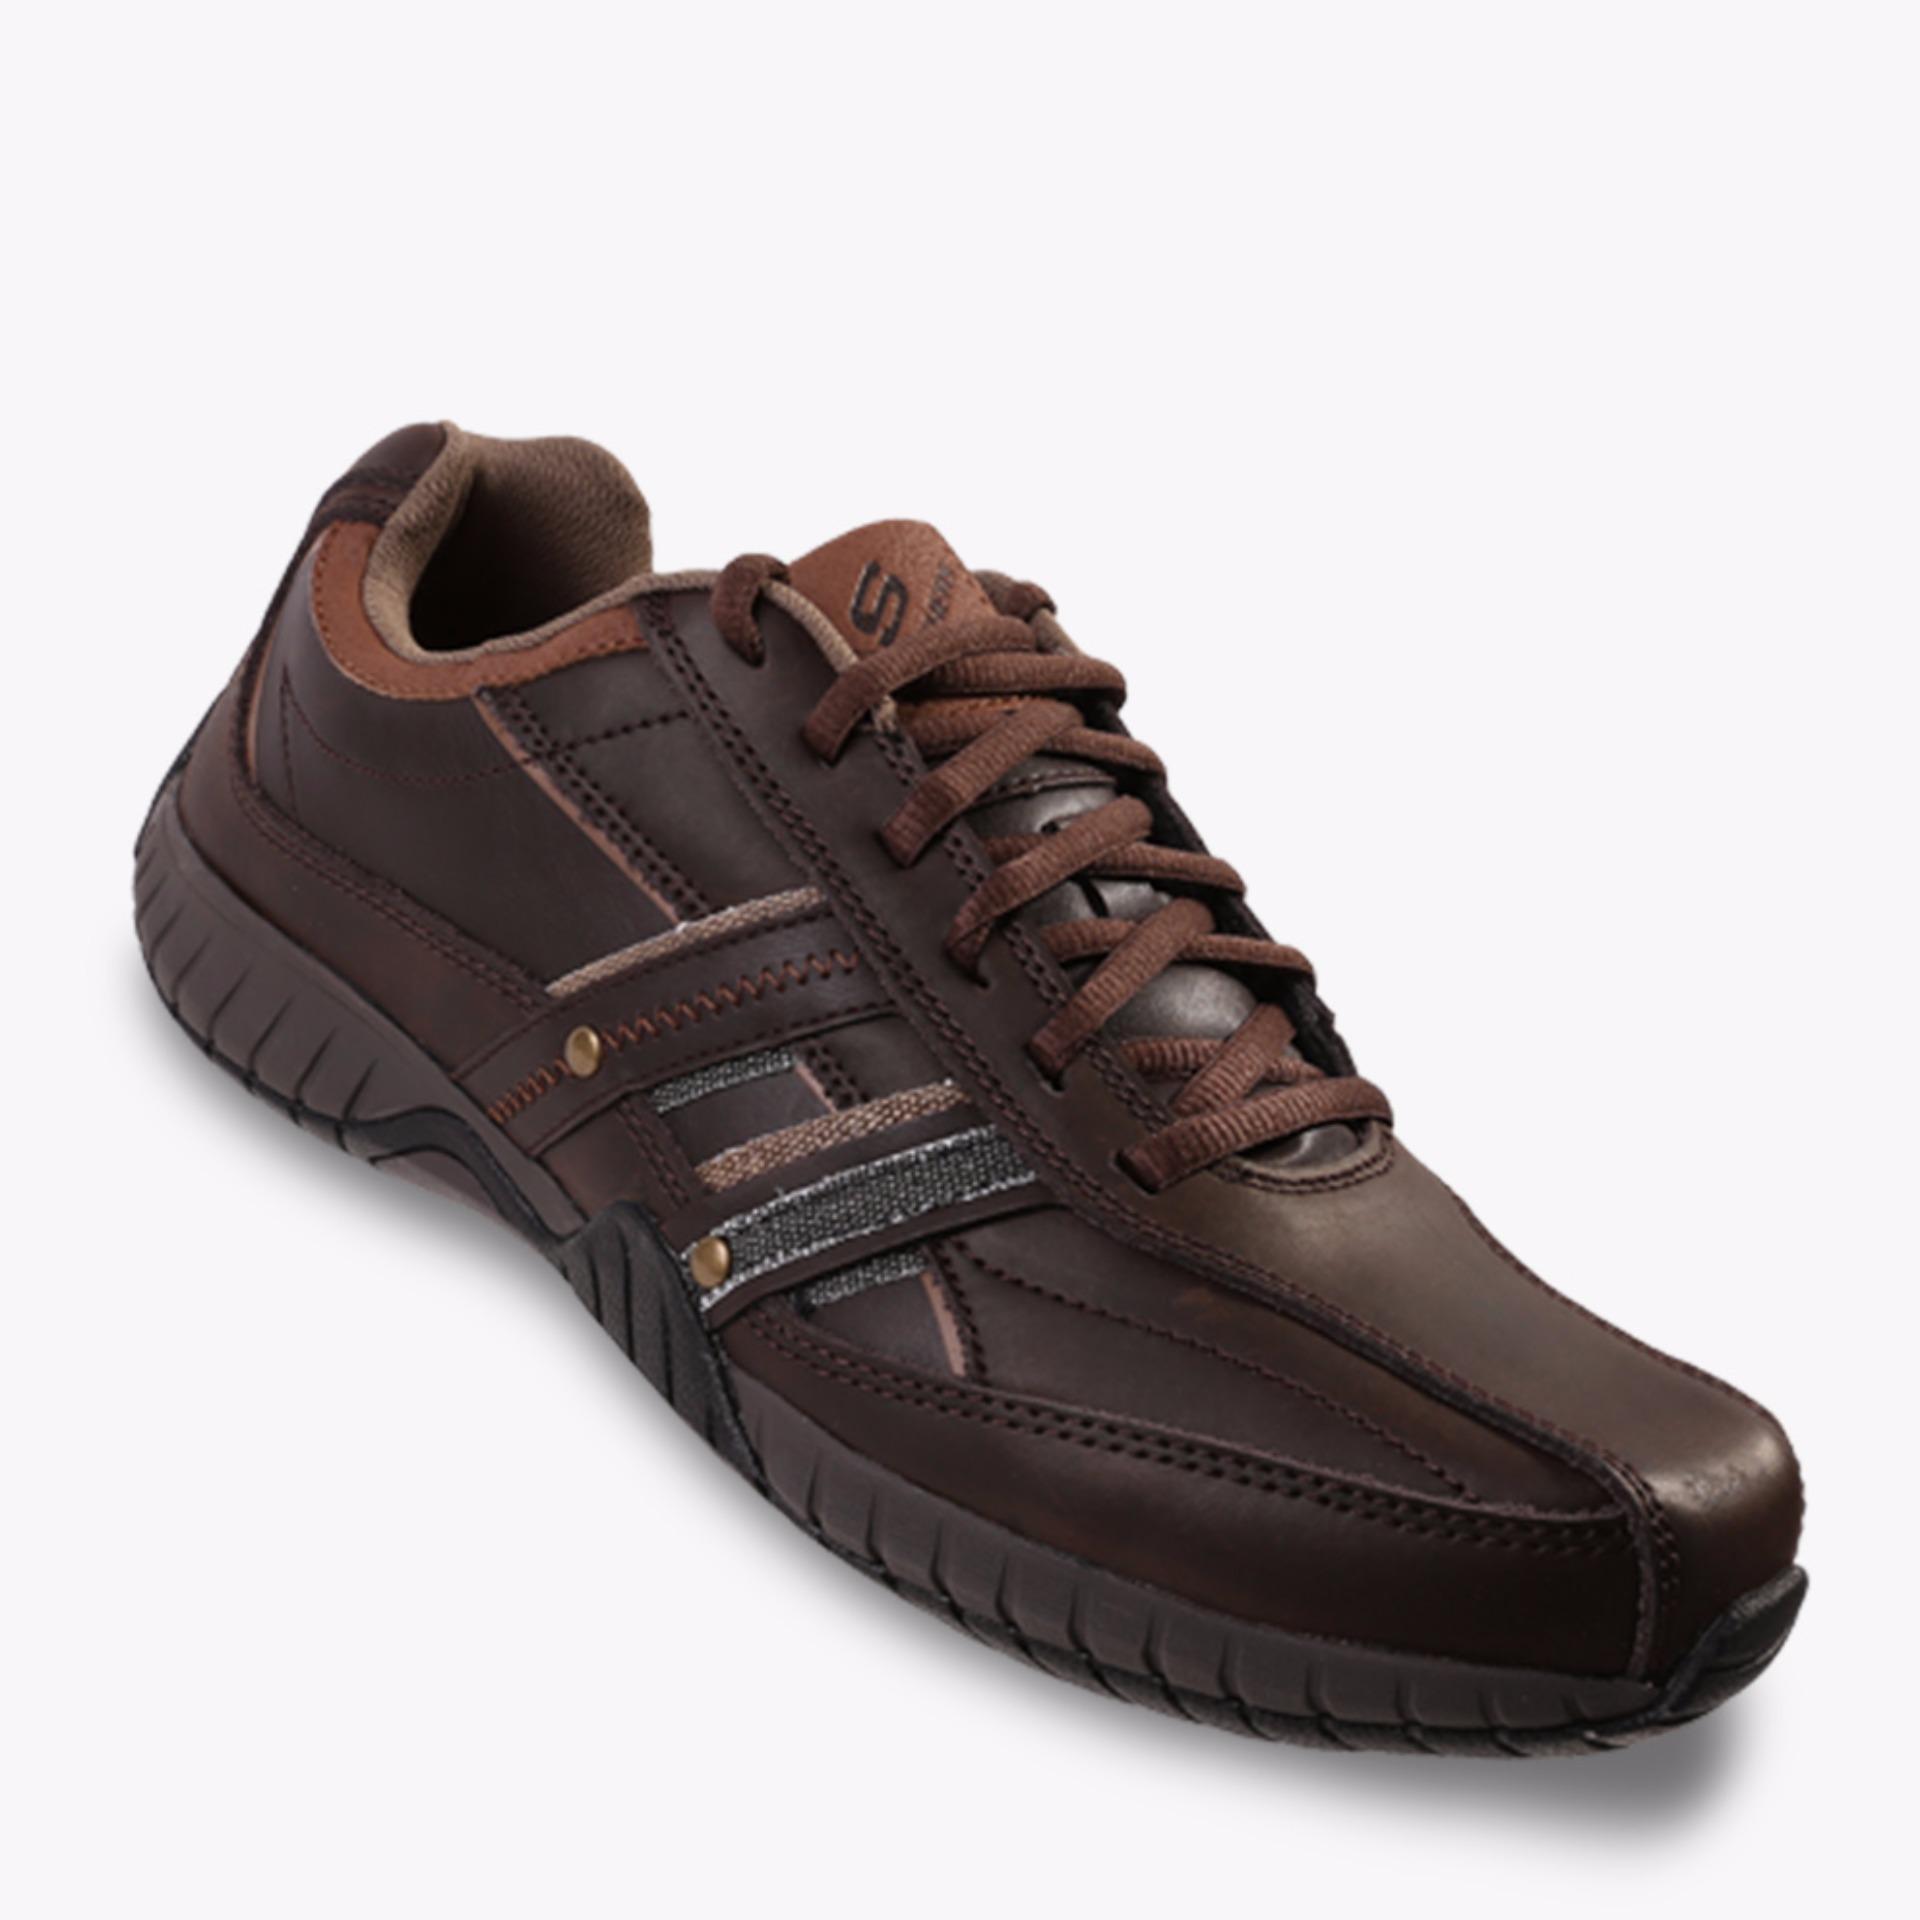 Toko Jual Skechers Sendro Brusco Men S Sneakers Shoes Cokelat